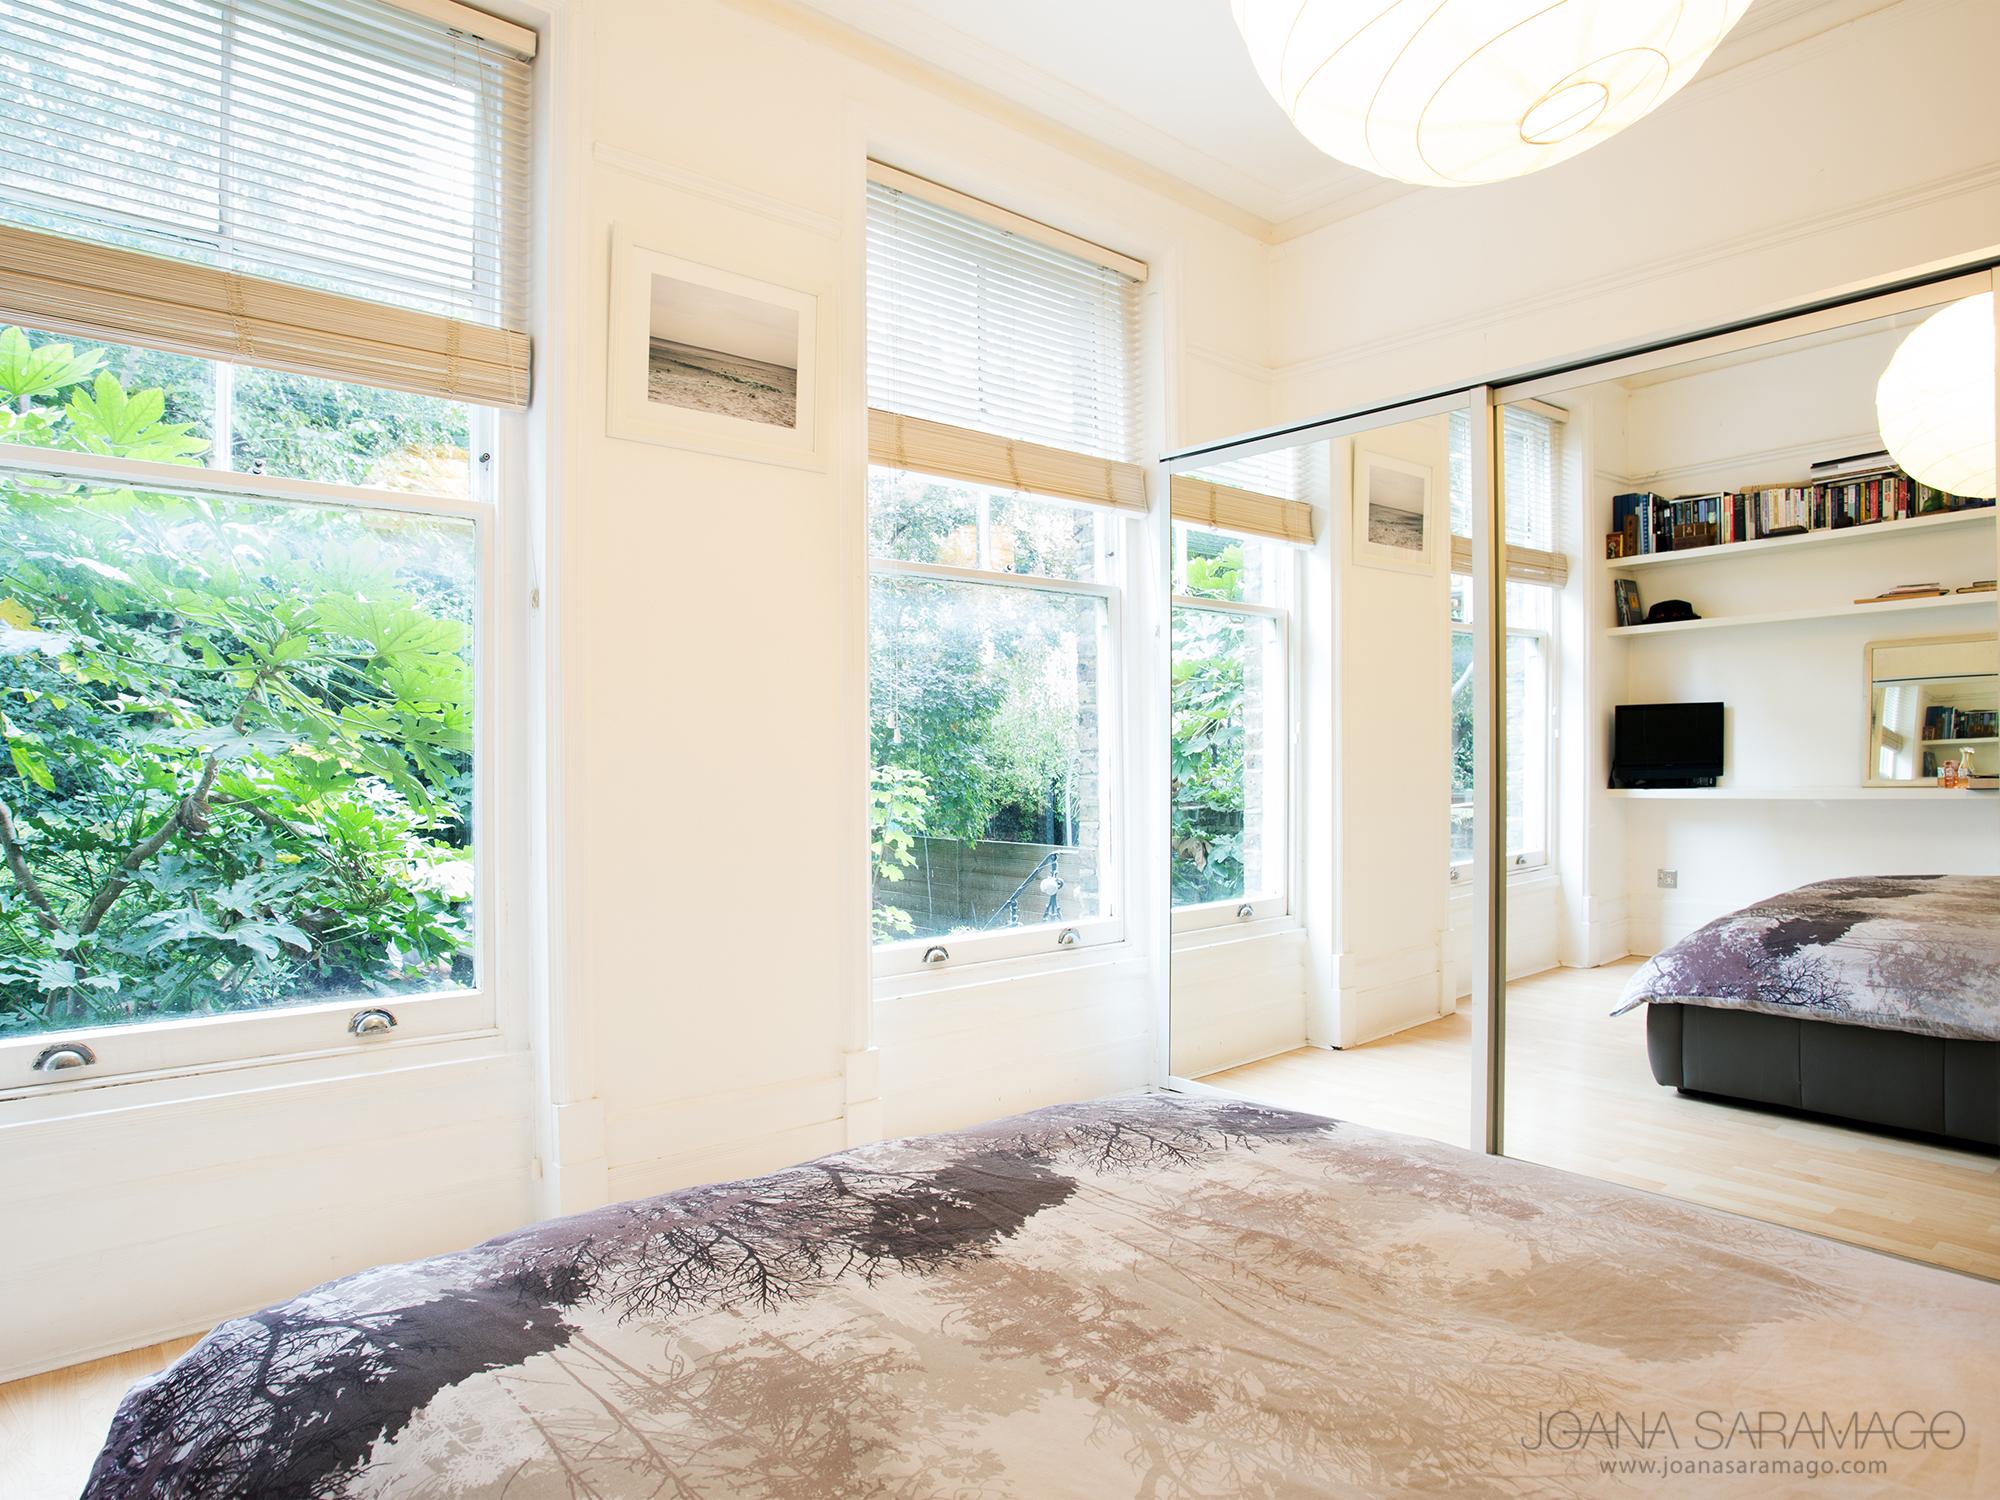 bedroom_03_joanasaramago_k.jpg